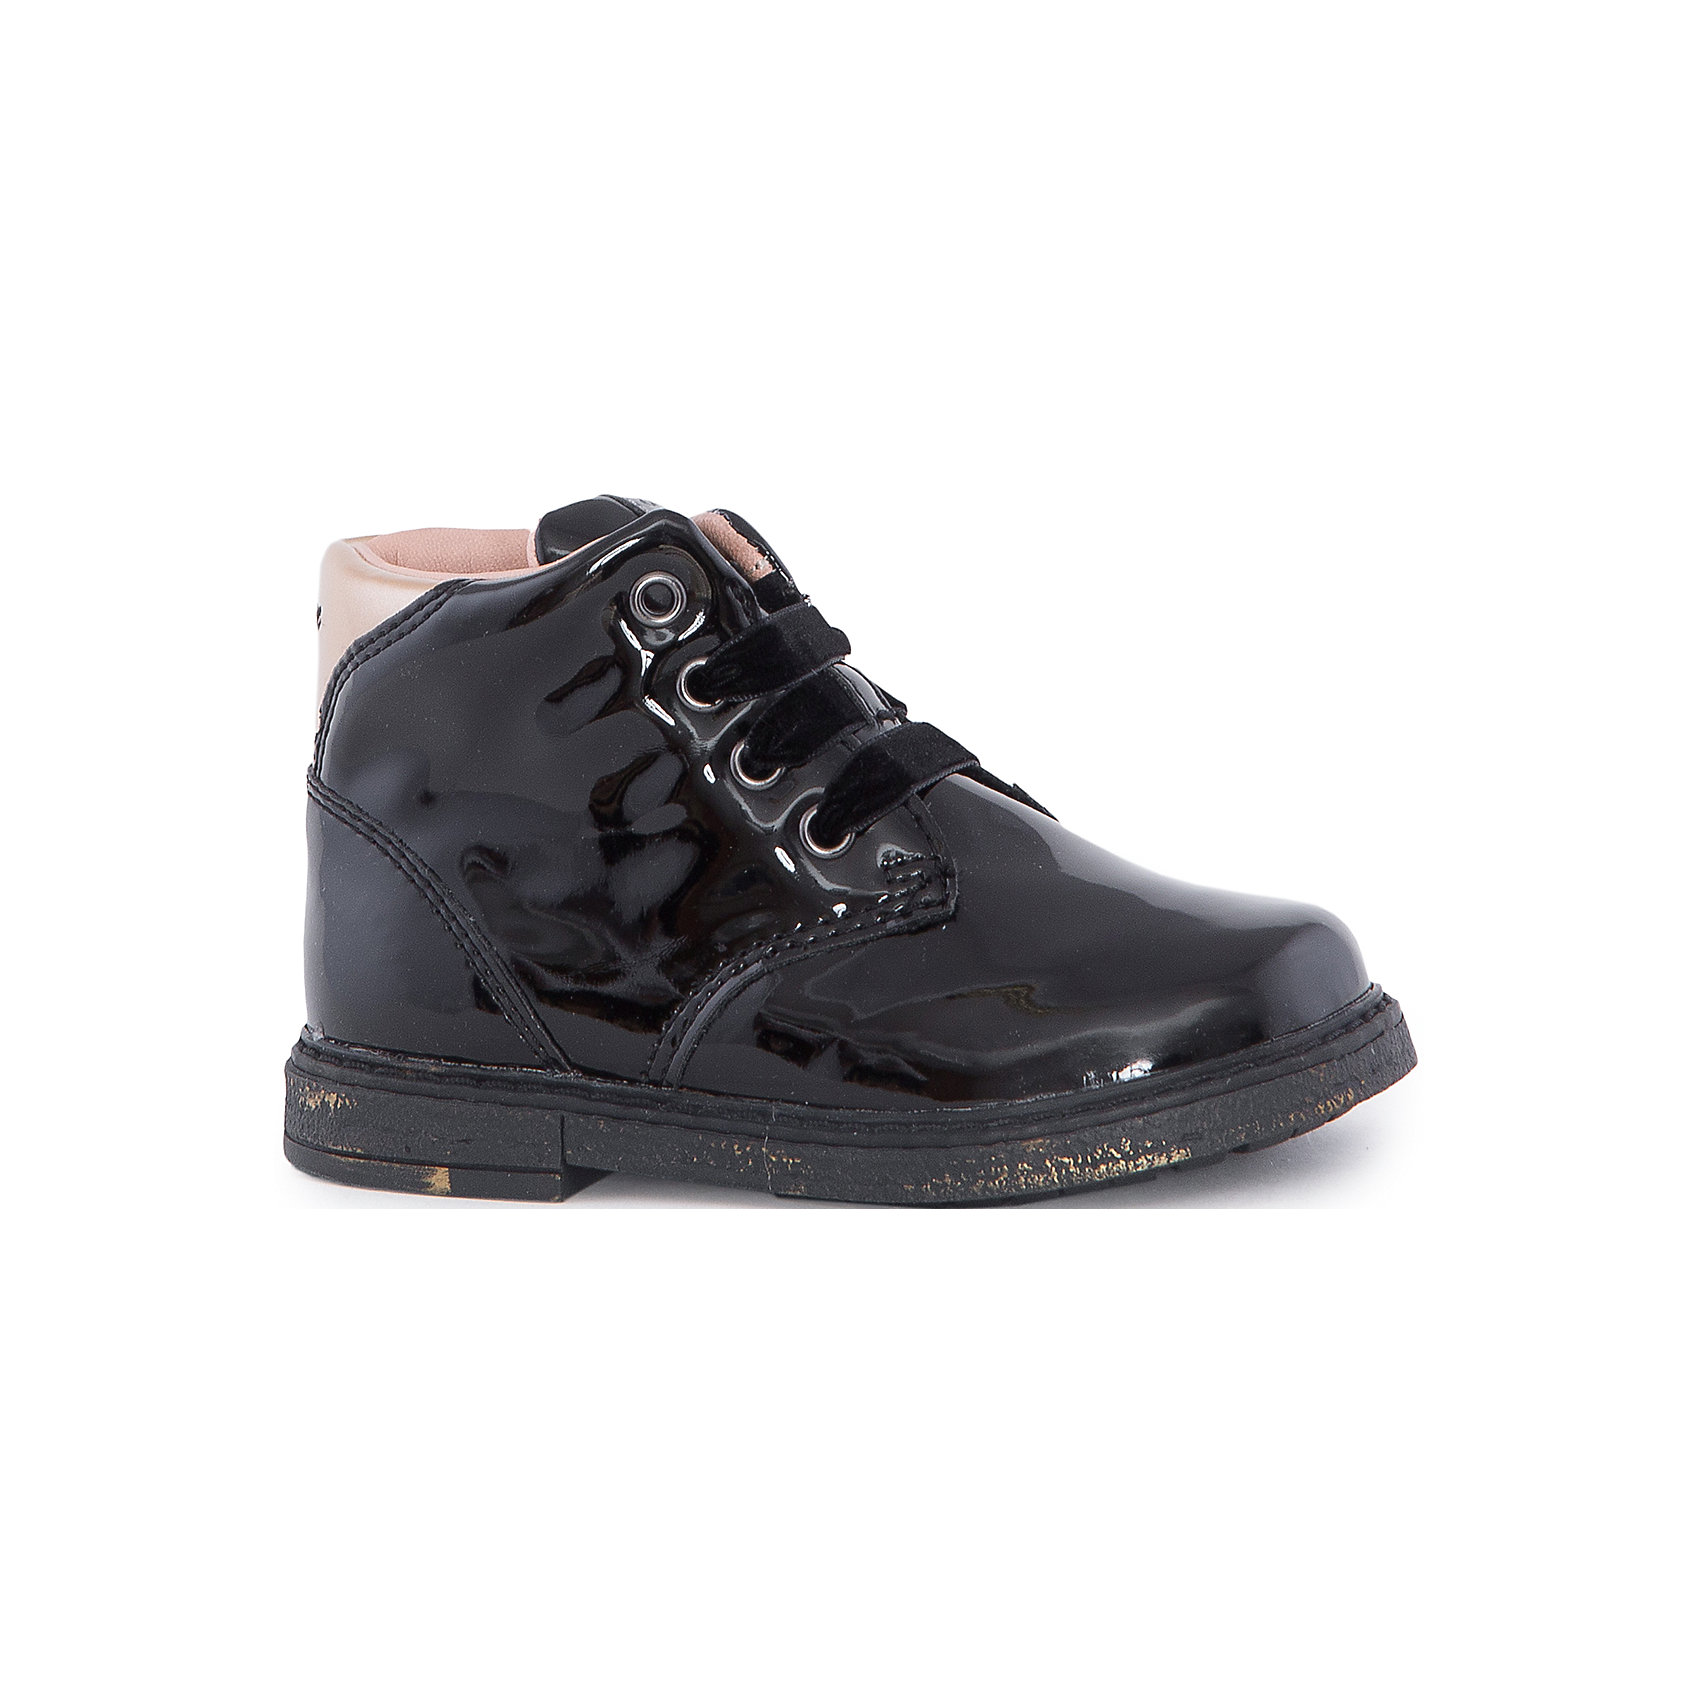 Ботинки для девочки GEOXСтильные ботинки для девочки от знаменитого итальянского бренда взрослой и детской одежды и обуви GEOX (Геокс). Ботинки представлены в классическом черном цвете, который отлично сочетается с золотыми и деталями отделки. Теперь осенние прогулки станут еще веселее! Идеальные ботиник на каждый день имеют все необходимое для удобства и комфорта ребенка. Разработанная технология подошвы ботинки не позволяет им скользить, отлично амортизирует шаги и позволяет стопе дышать. Мягкая подошва отлично гнется, обеспечивая безопасность шагов, поддерживая стопу и оставляя свободу движения. Эргономичная антибактериальная кожаная стелька и задник хорошо фиксируют голеностоп и удобны в носке. Внутренний материал и практичная застежка-молния позволяют легко надевать и снимать ботинки, не заботясь о шнурках. Ботинки оставляют ноги ребенка сухими, позволяя им дышать. <br>Дополнительная информация:<br>- Состав:<br>верх: 100% синтетика <br>подкладка:  80% текстиль, 20% кожа<br>стелька:  натуральная кожа<br>подошва: резина<br>Ботинки для девочки GEOX (Геокс) можно купить в нашем магазине.<br>Подробнее:<br>• Для детей в возрасте: от 12 месяцев до 5 лет<br>• Номер товара: 5007844<br>Страна производитель: Индонезия<br><br>Ширина мм: 257<br>Глубина мм: 180<br>Высота мм: 130<br>Вес г: 420<br>Цвет: черный<br>Возраст от месяцев: 36<br>Возраст до месяцев: 48<br>Пол: Женский<br>Возраст: Детский<br>Размер: 27,23,24,25,26<br>SKU: 5007844